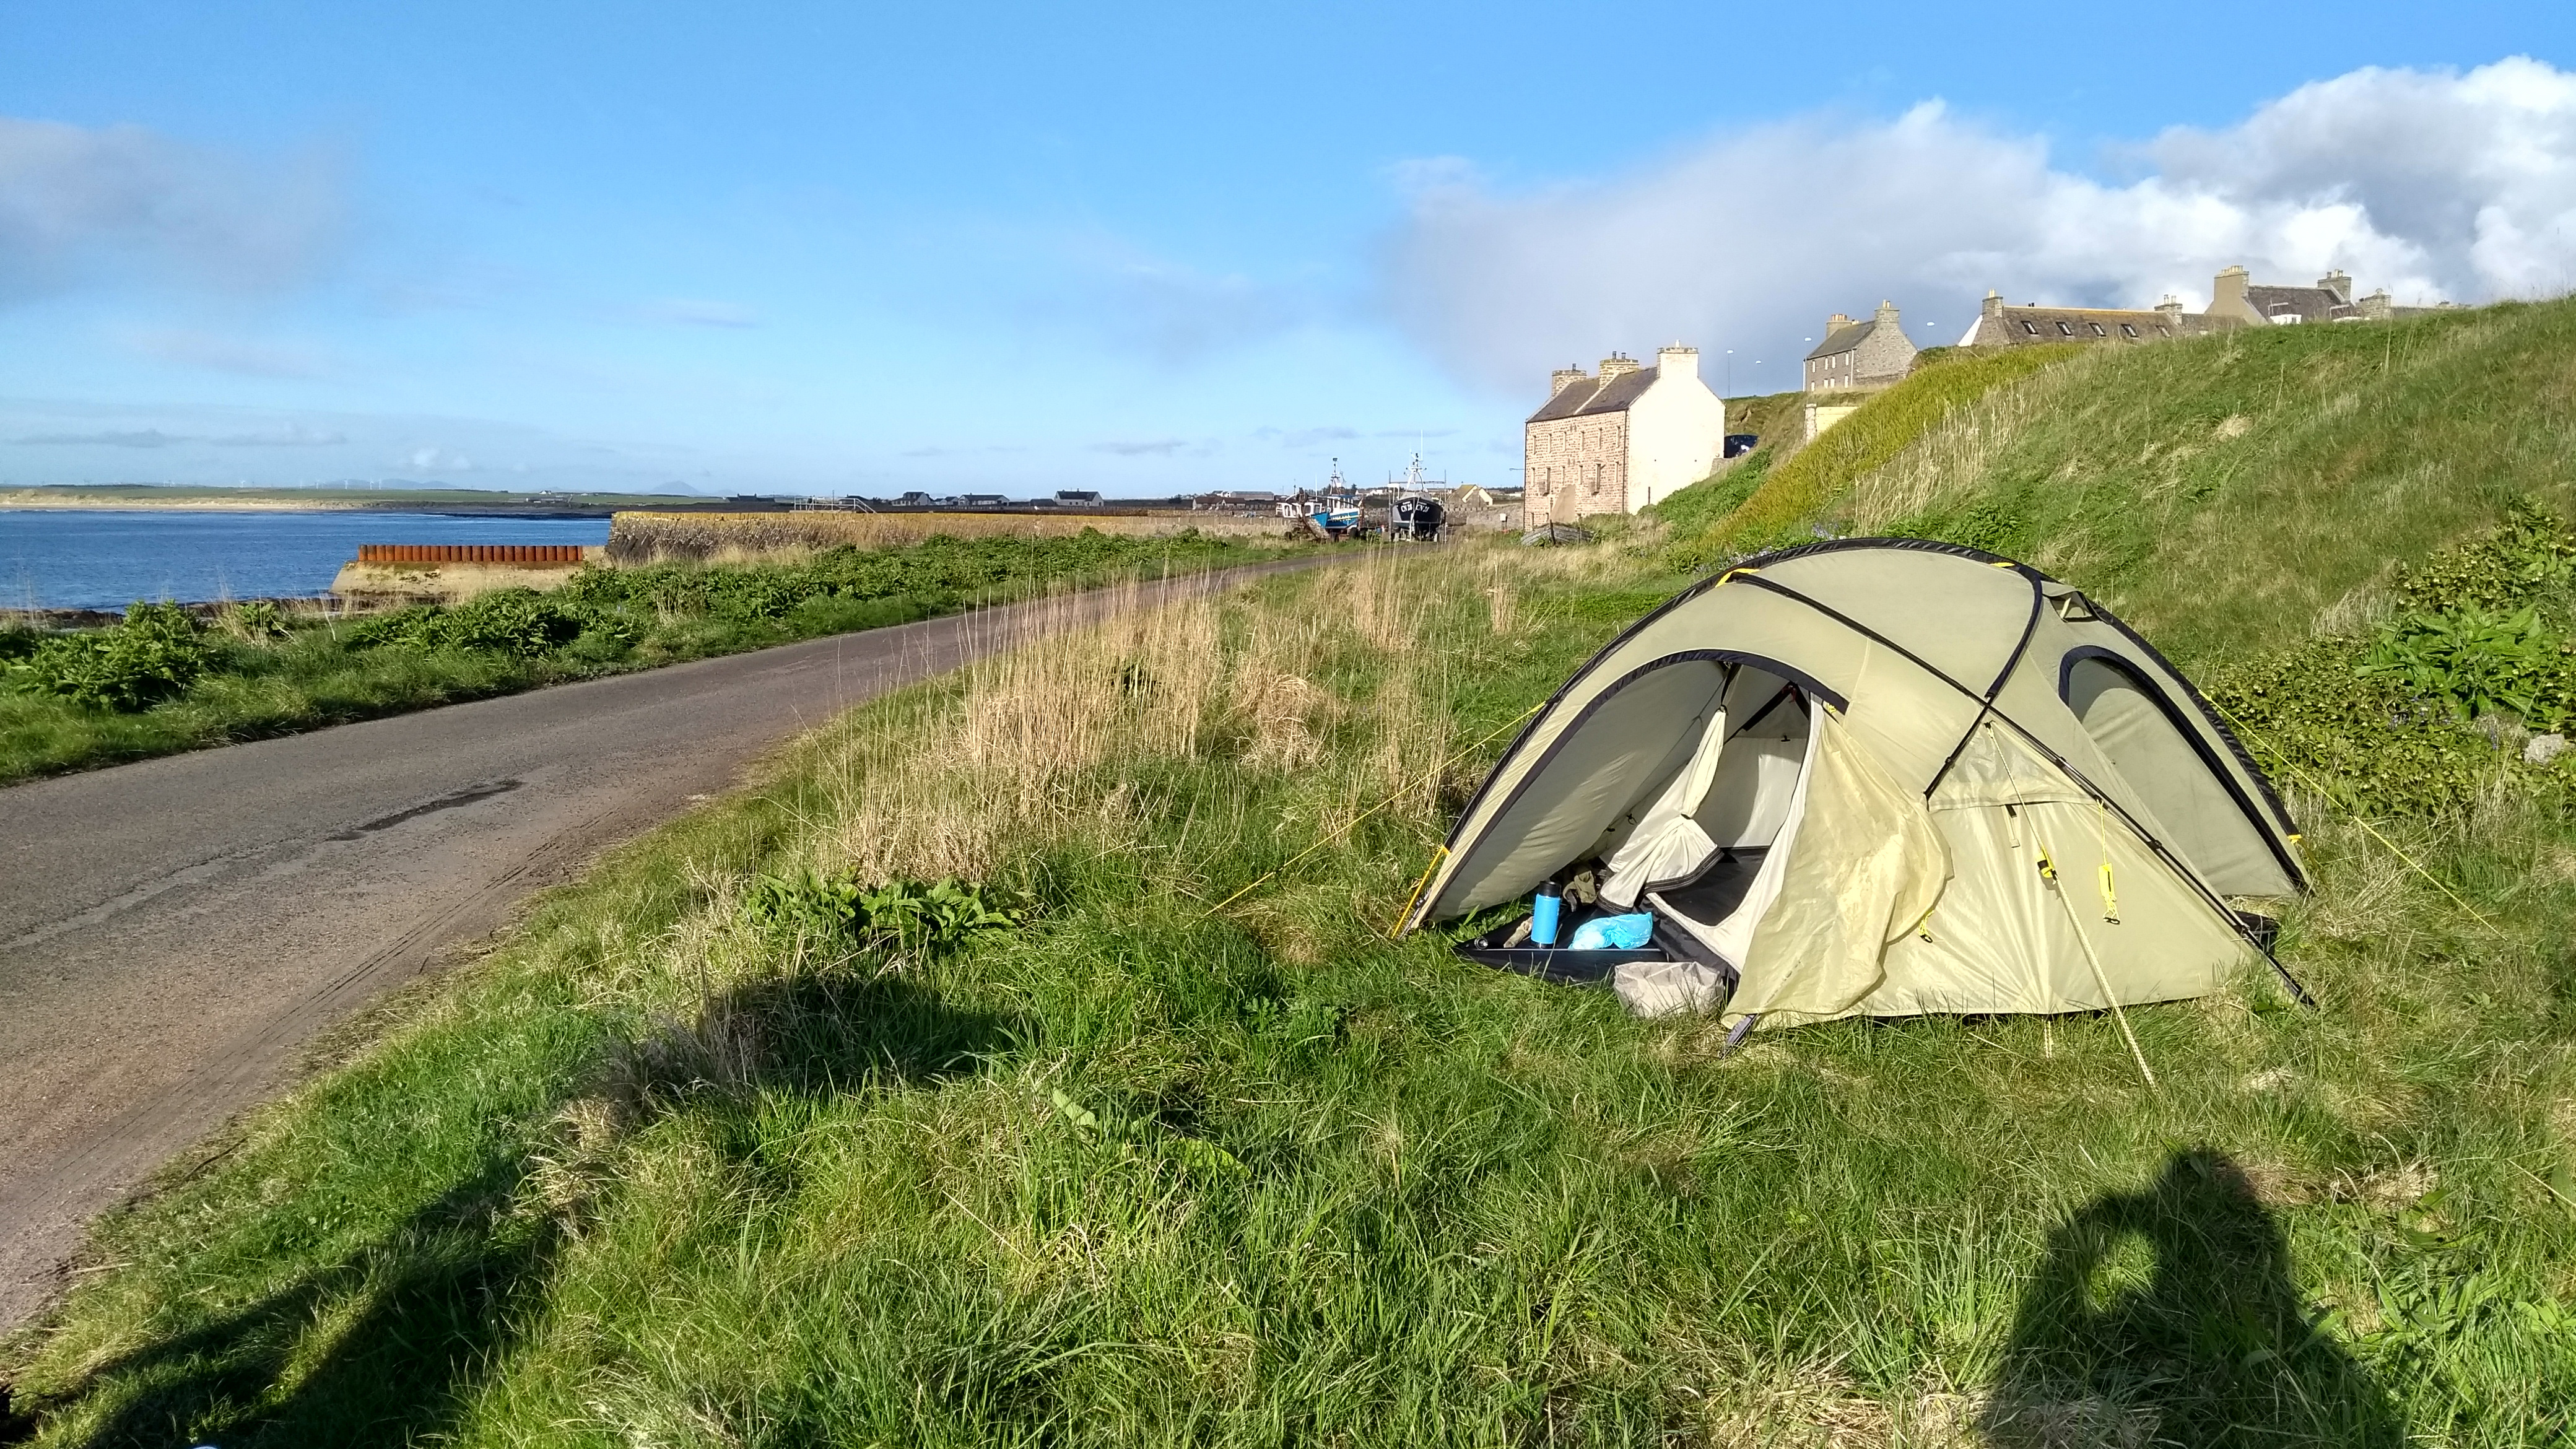 Zelt in der Kurve auf einem Grasstück am Hafen von Keiss